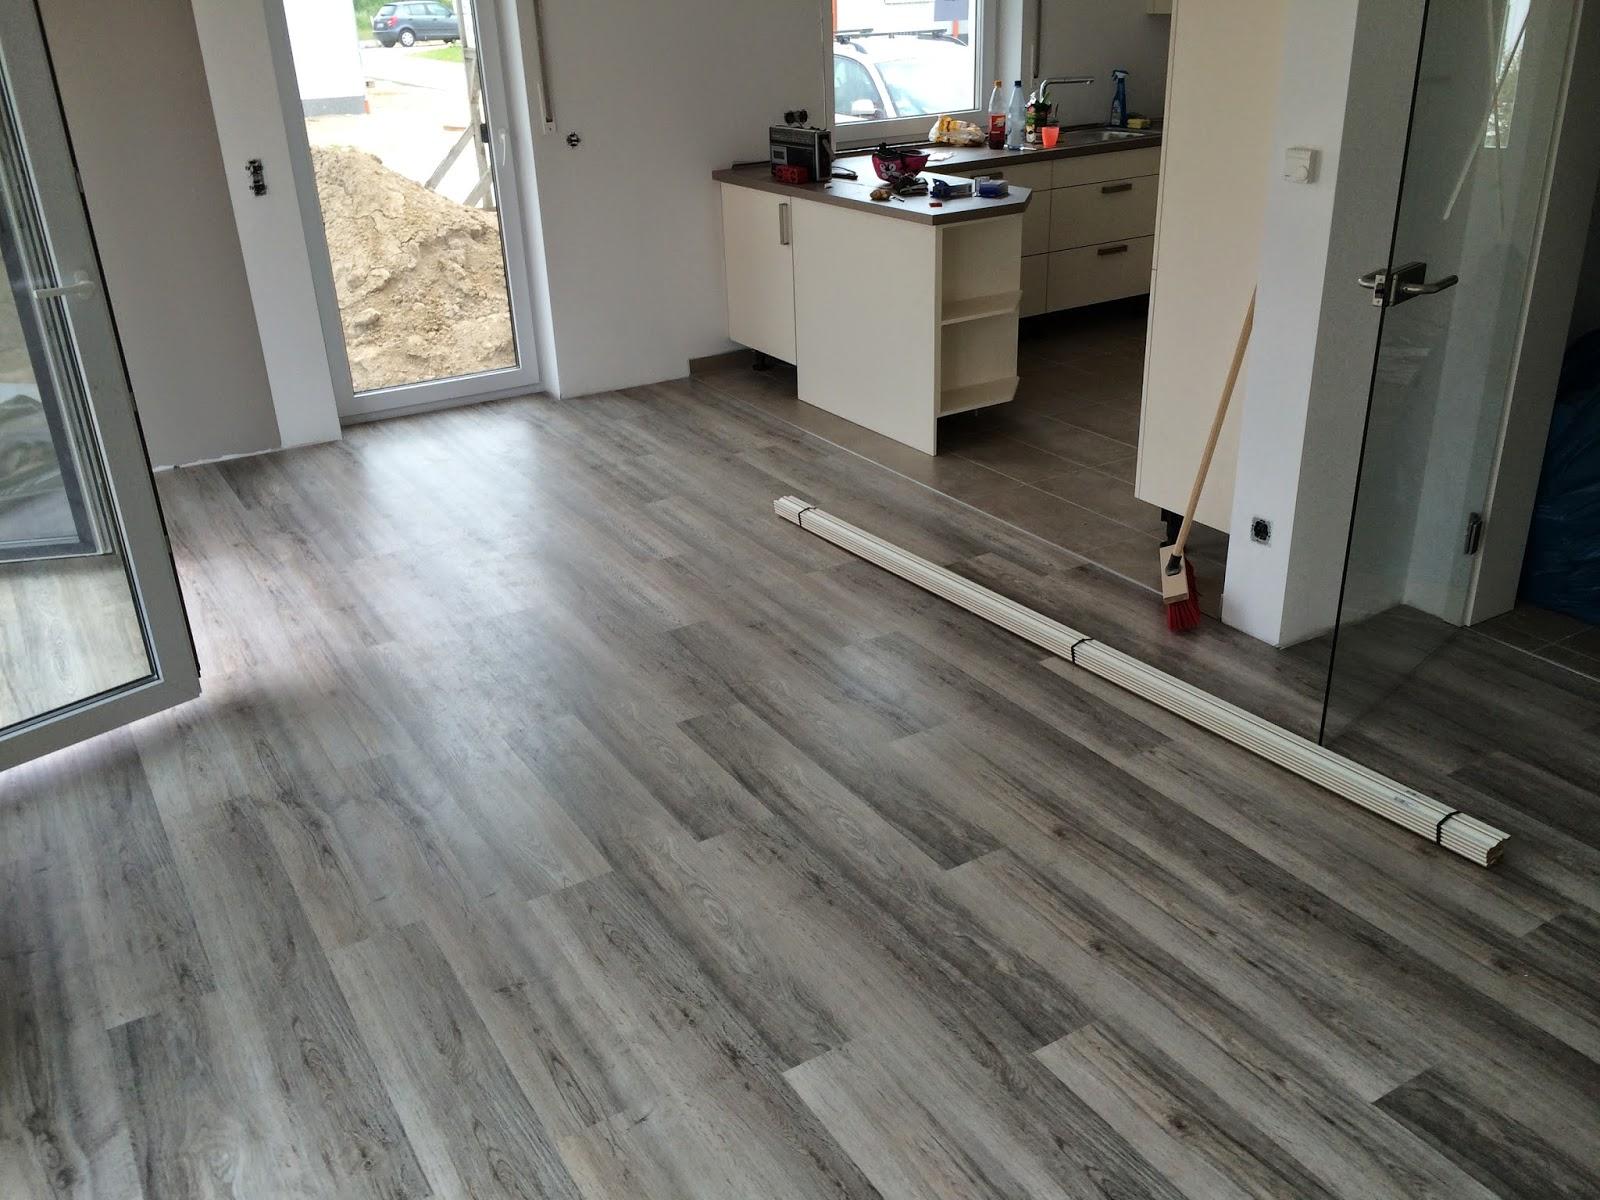 Fußboden Wohnzimmer ~ Hausbau fußboden wohnzimmer